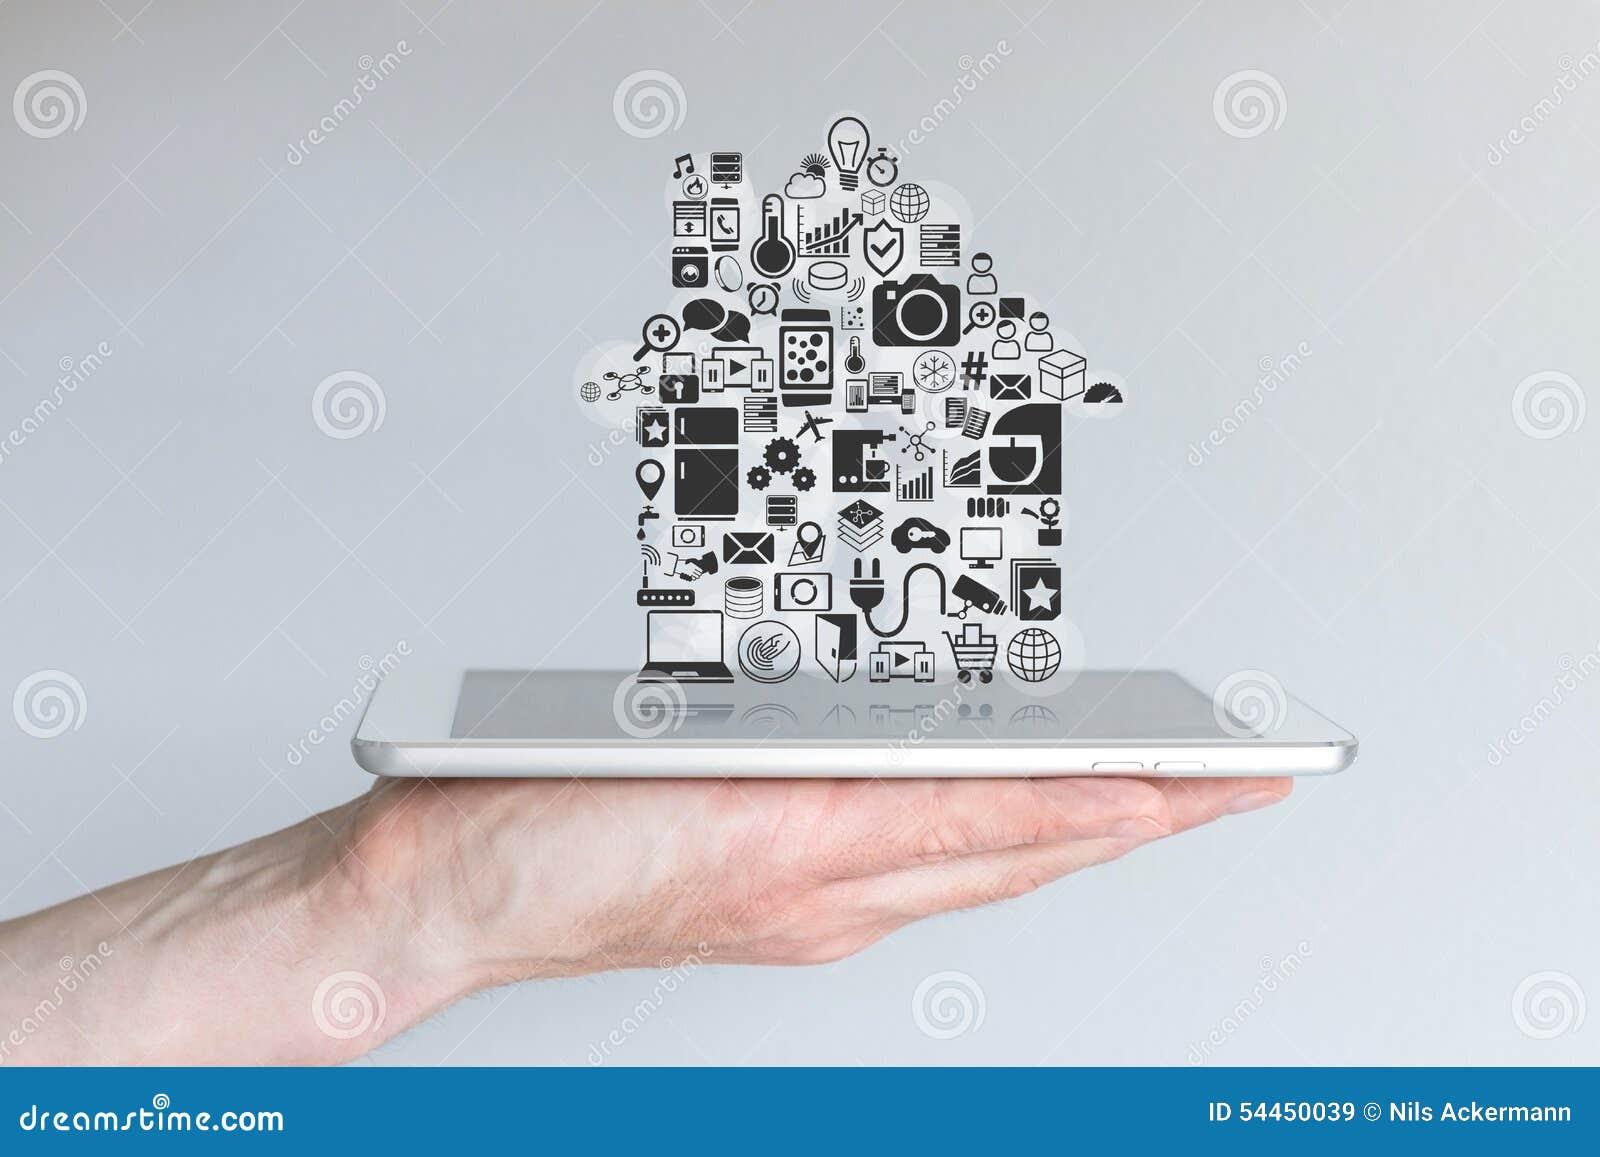 Männliche Hand, die Tablet-Computer hält Konzept der intelligenten Hausautomation und des Mobile-Computings